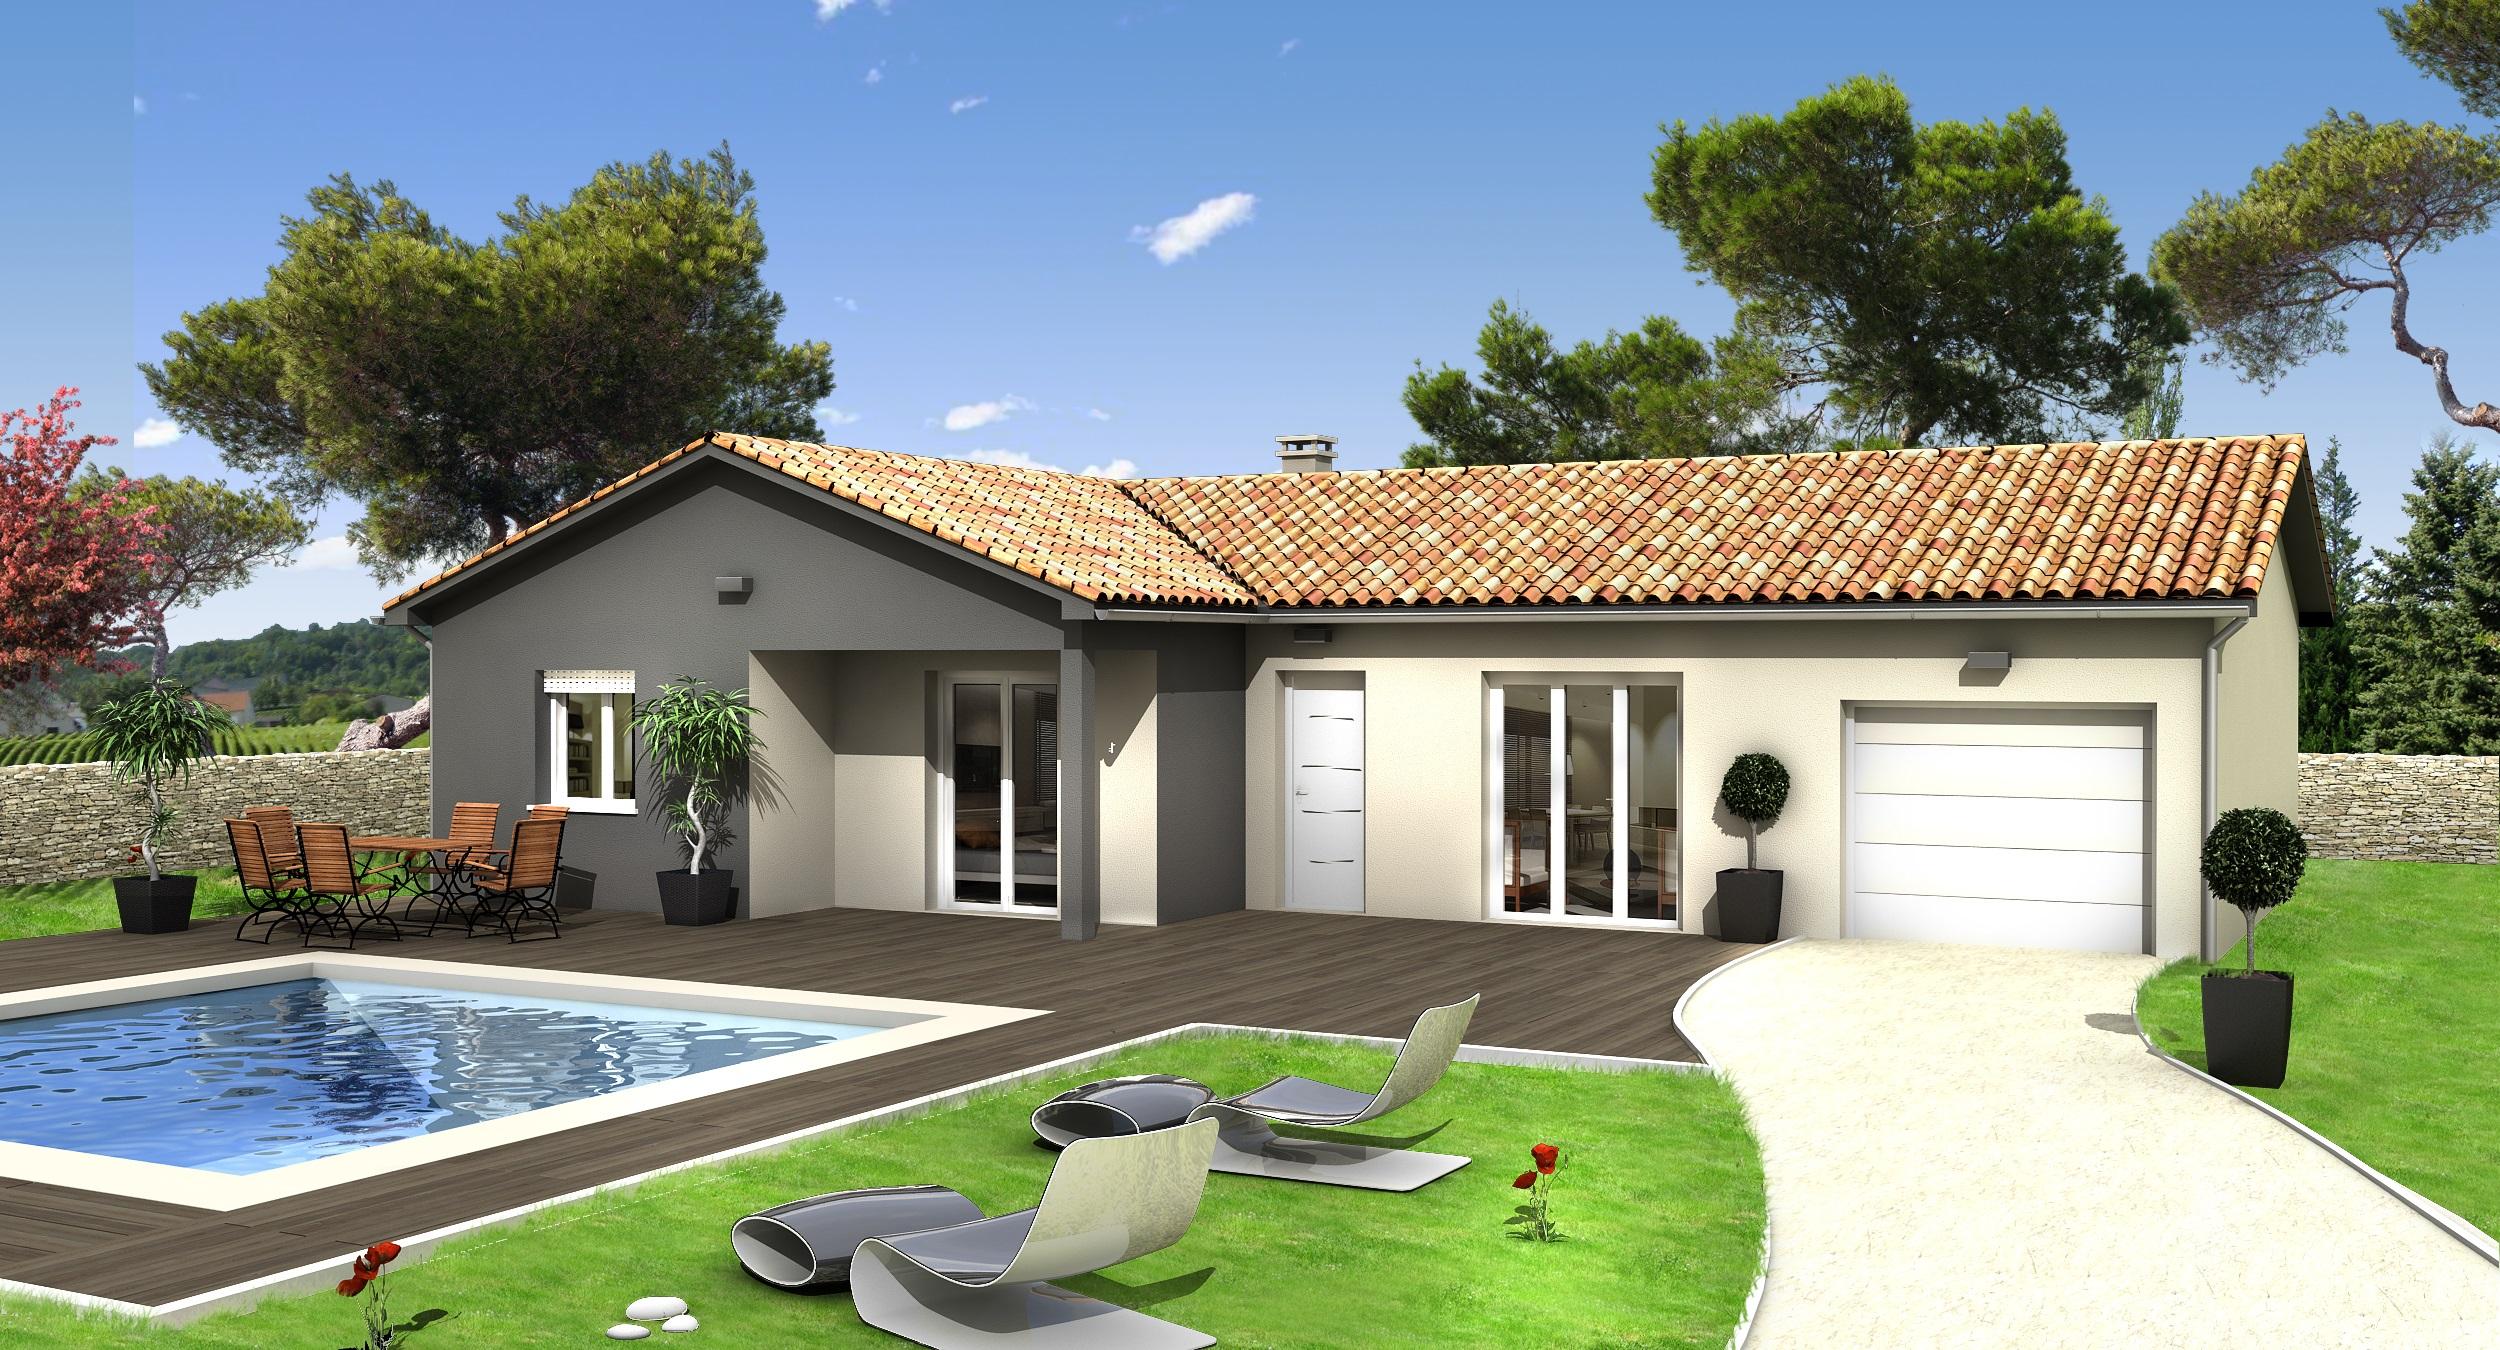 Annonce vente maison issoire 63500 100 m 205 800 for Vente maison issoire